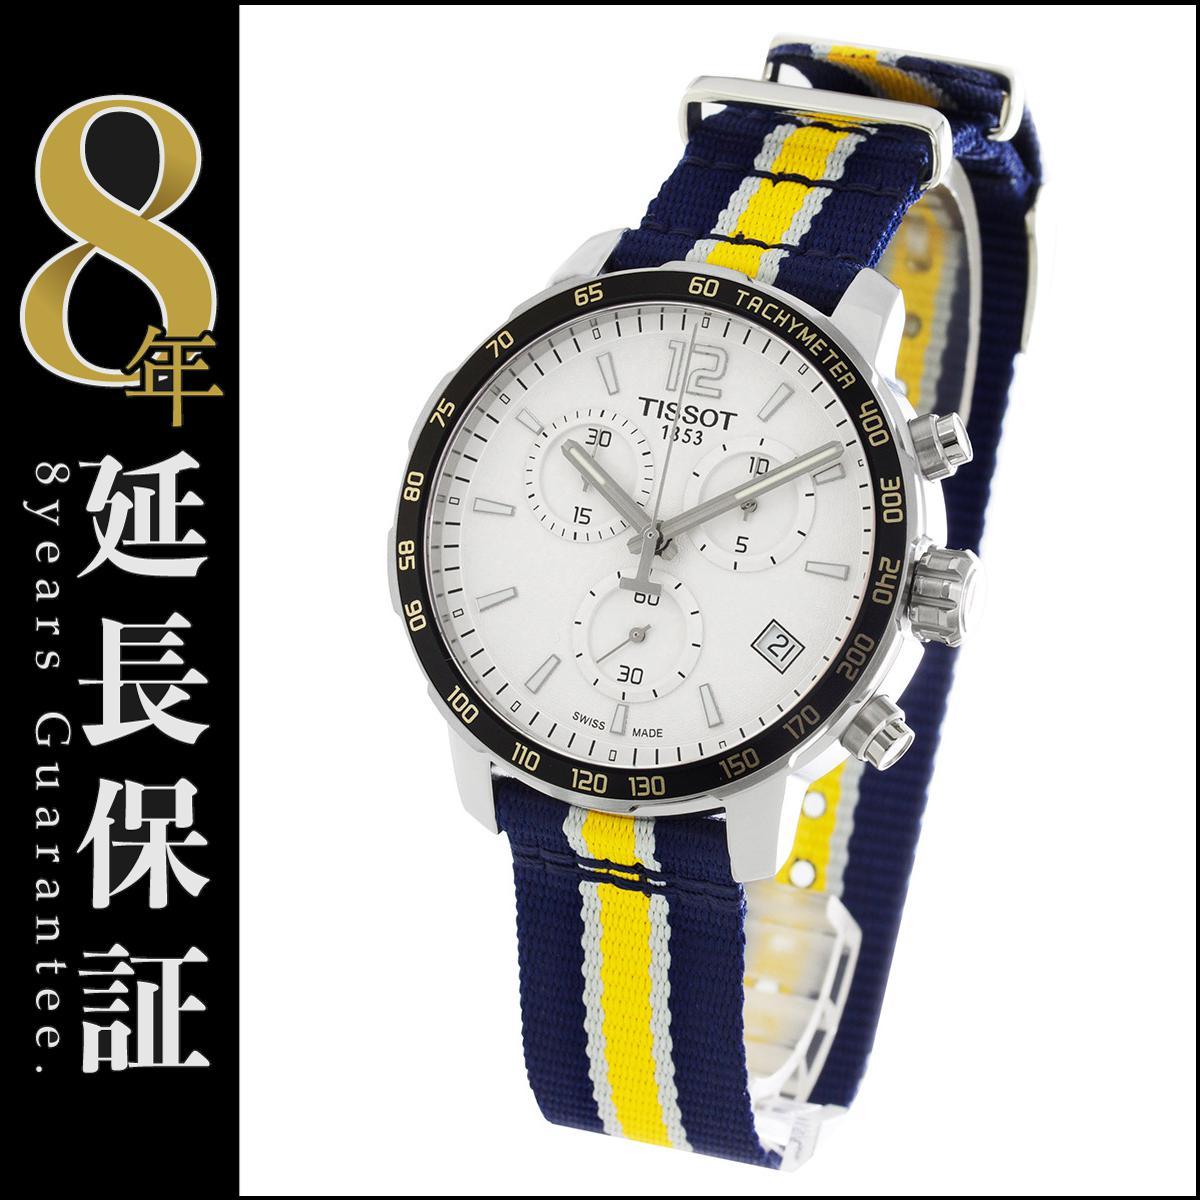 ティソ T-スポーツ クイックスター NBAインディアナ・ペイサーズ クロノグラフ 腕時計 メンズ TISSOT T095.417.17.037.23_8